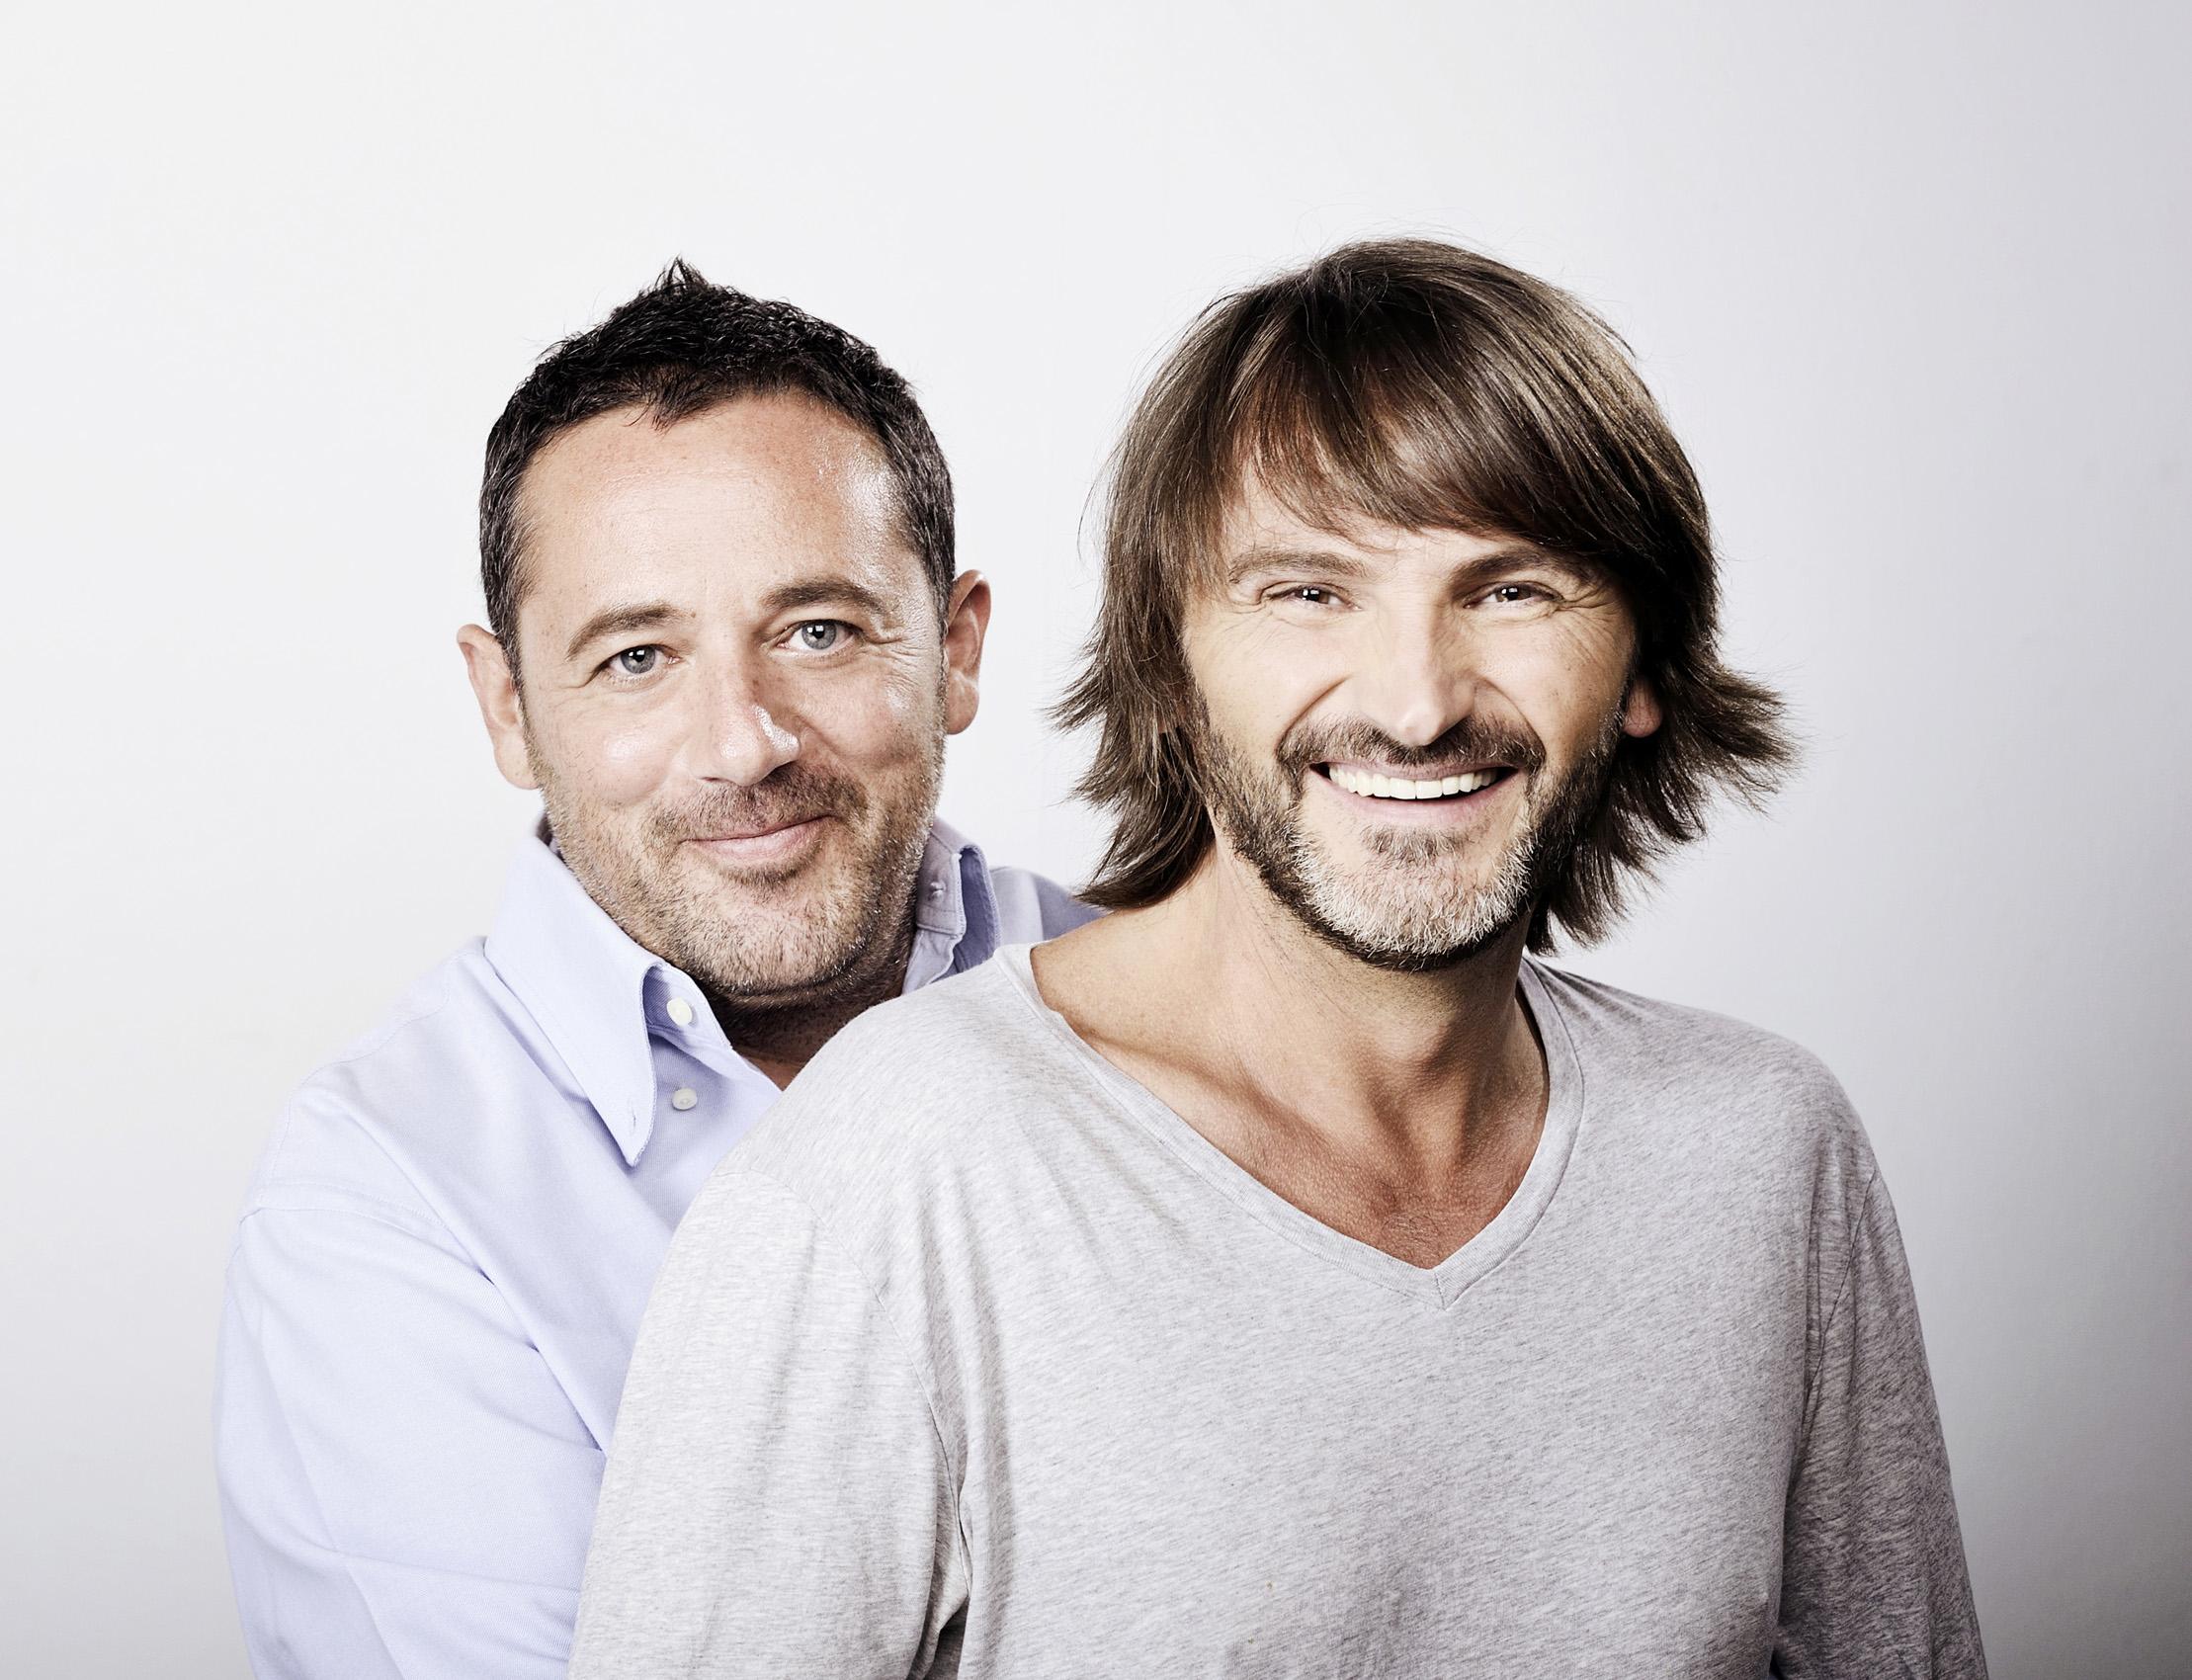 Fernando Tejero y Pepón Nieto son 'Mitad y Mitad'. Foto: http://www.pentacion.com/mitadymitad.html